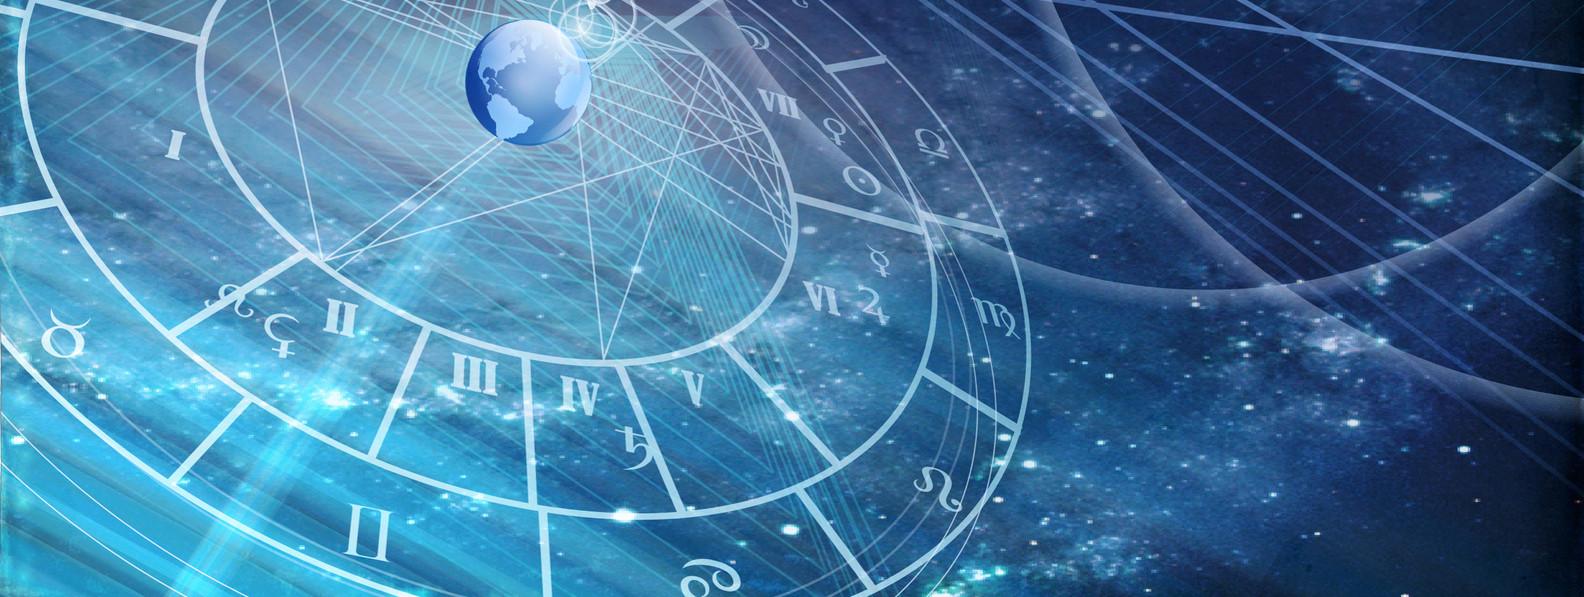 Astrologia partita sito di incontri